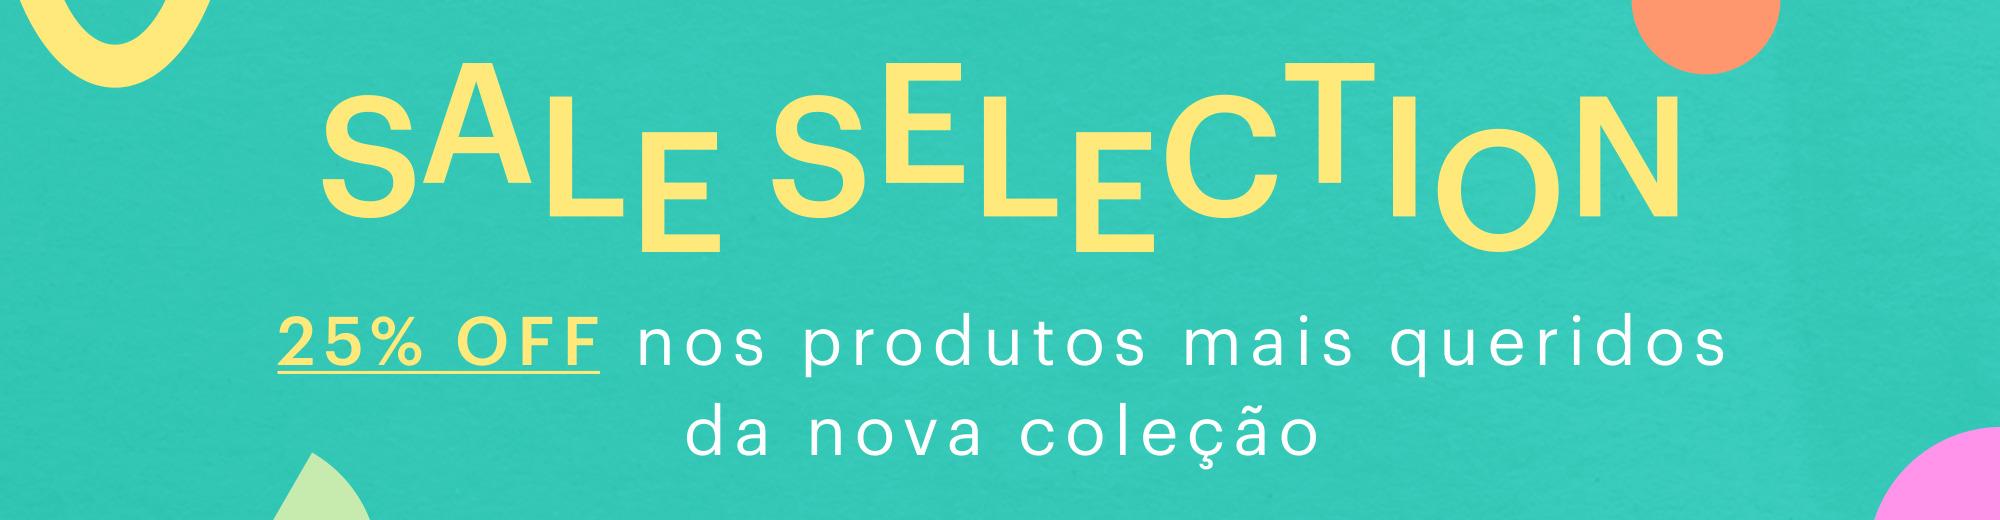 25% OFF nos produtos mais queridos da nueva coleção